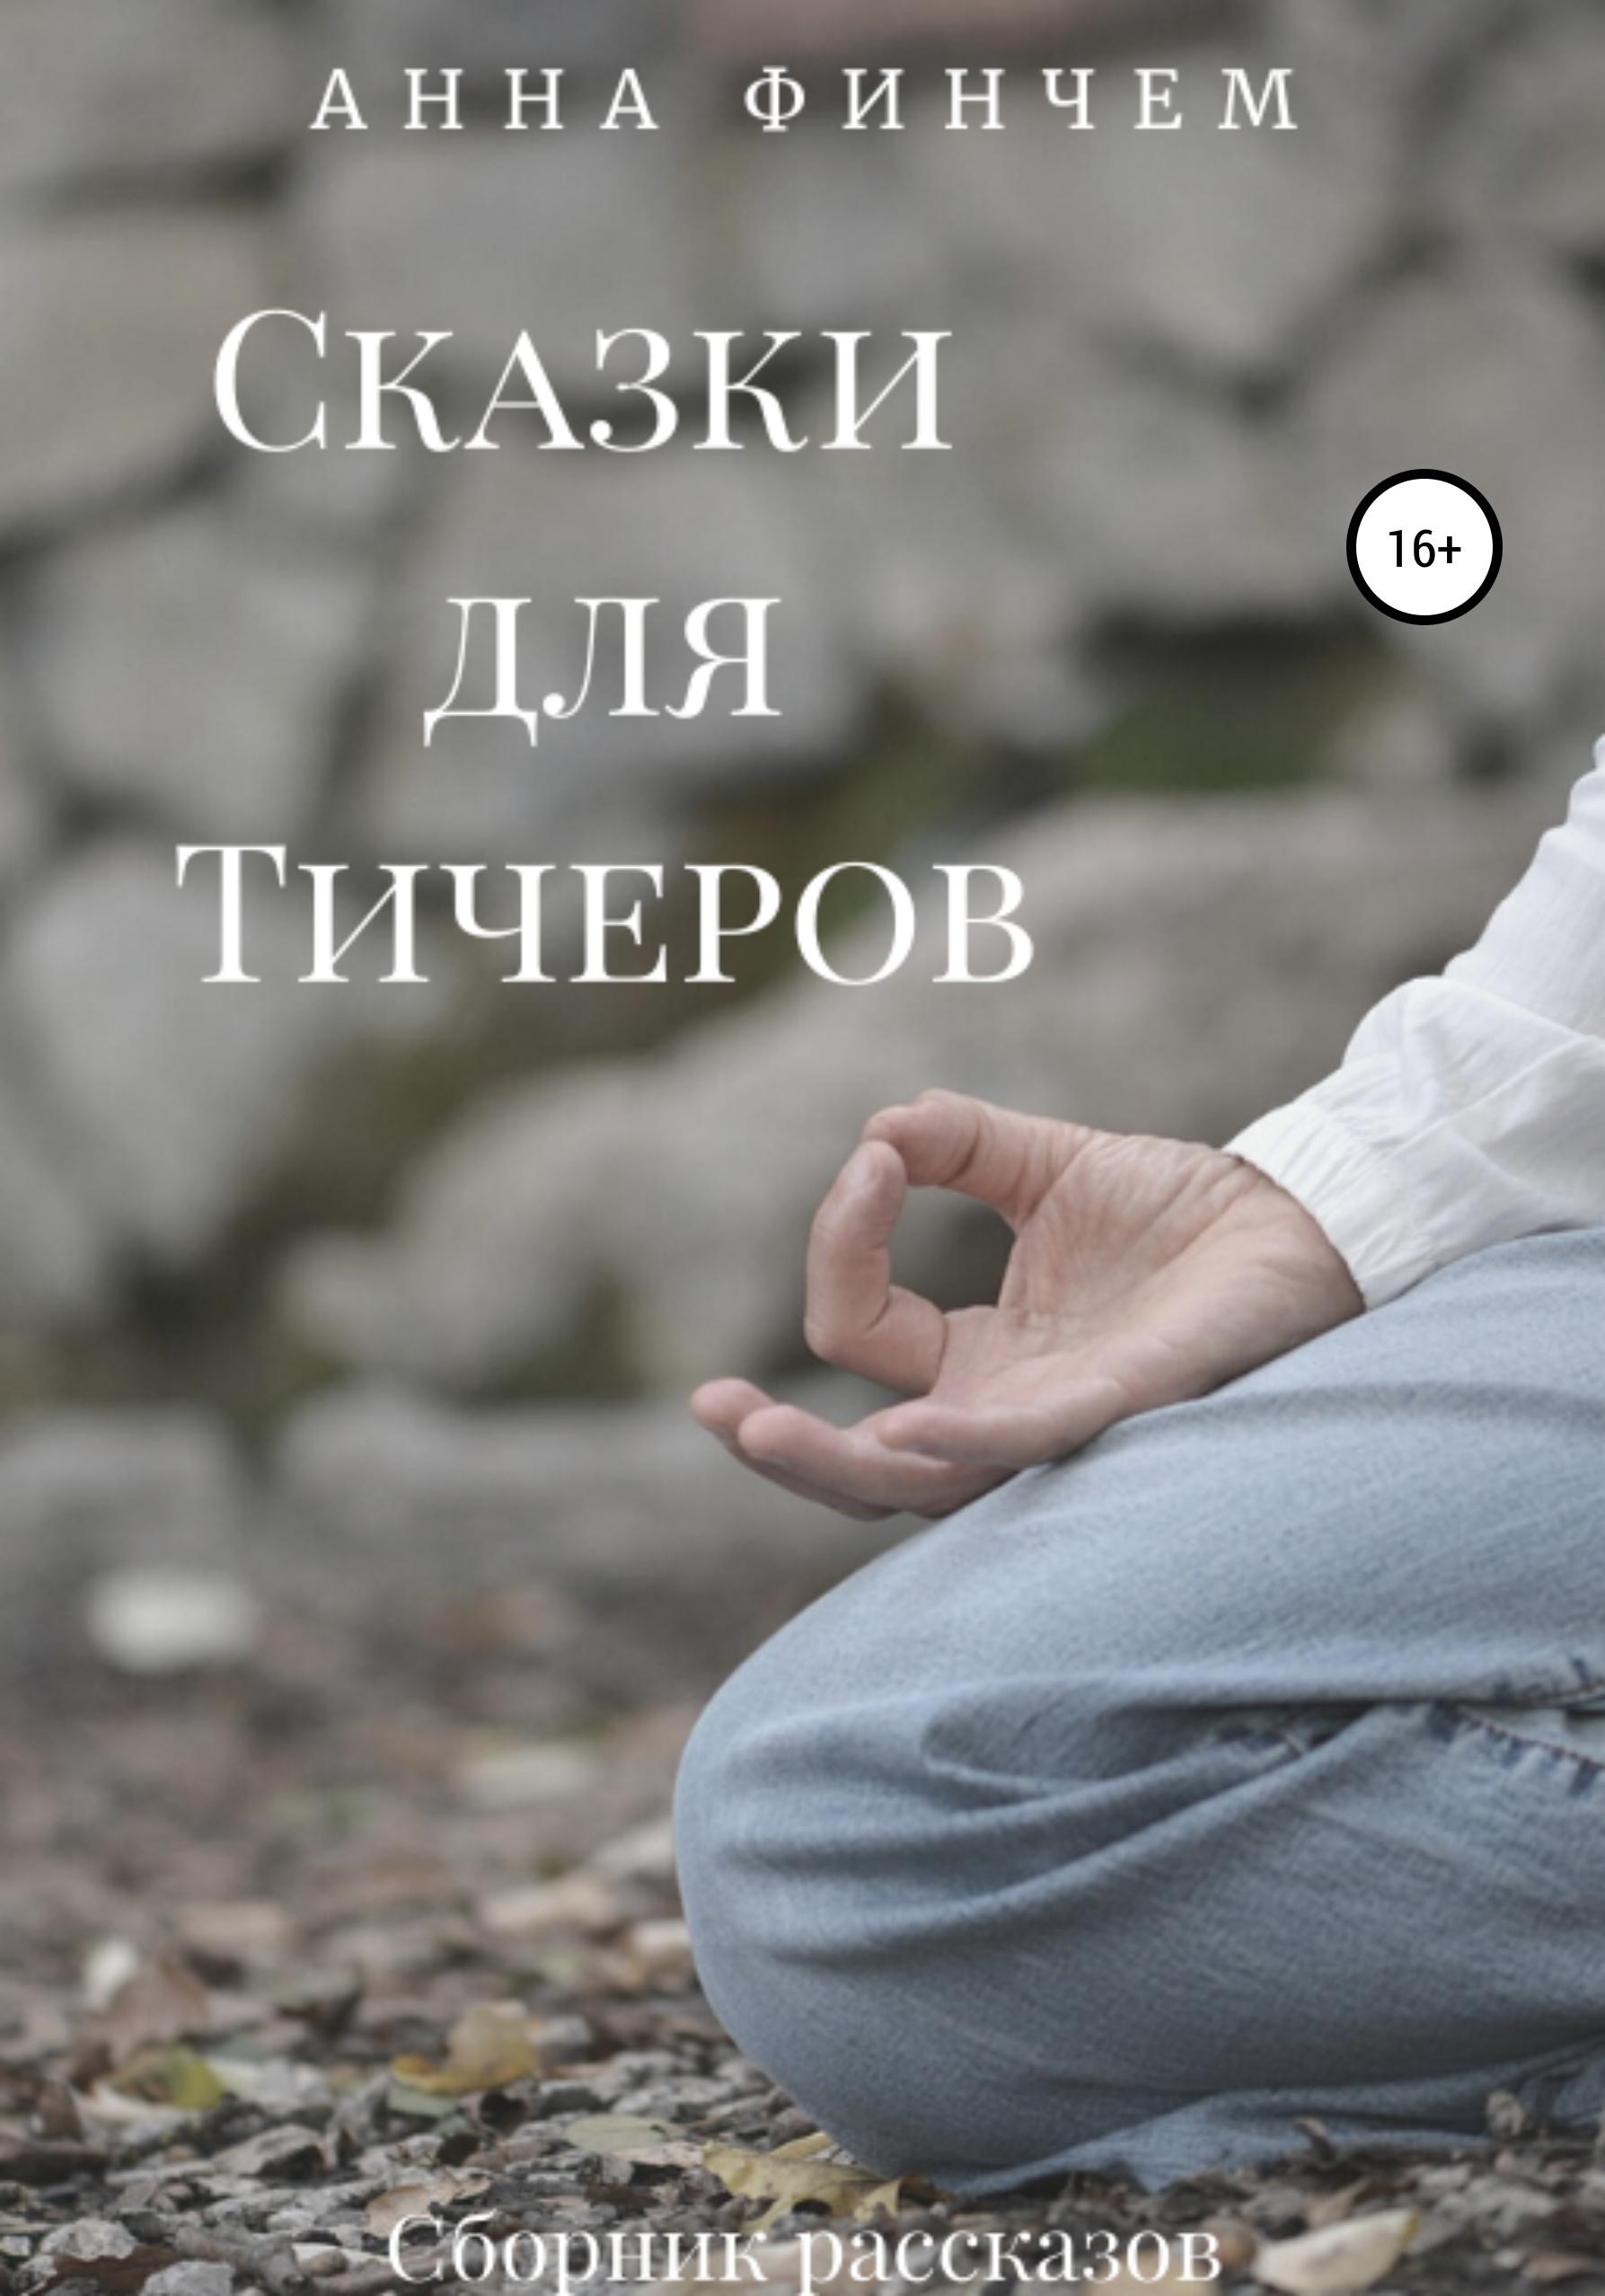 Анна Финчем Сказки для Тичеров. Сборник рассказов